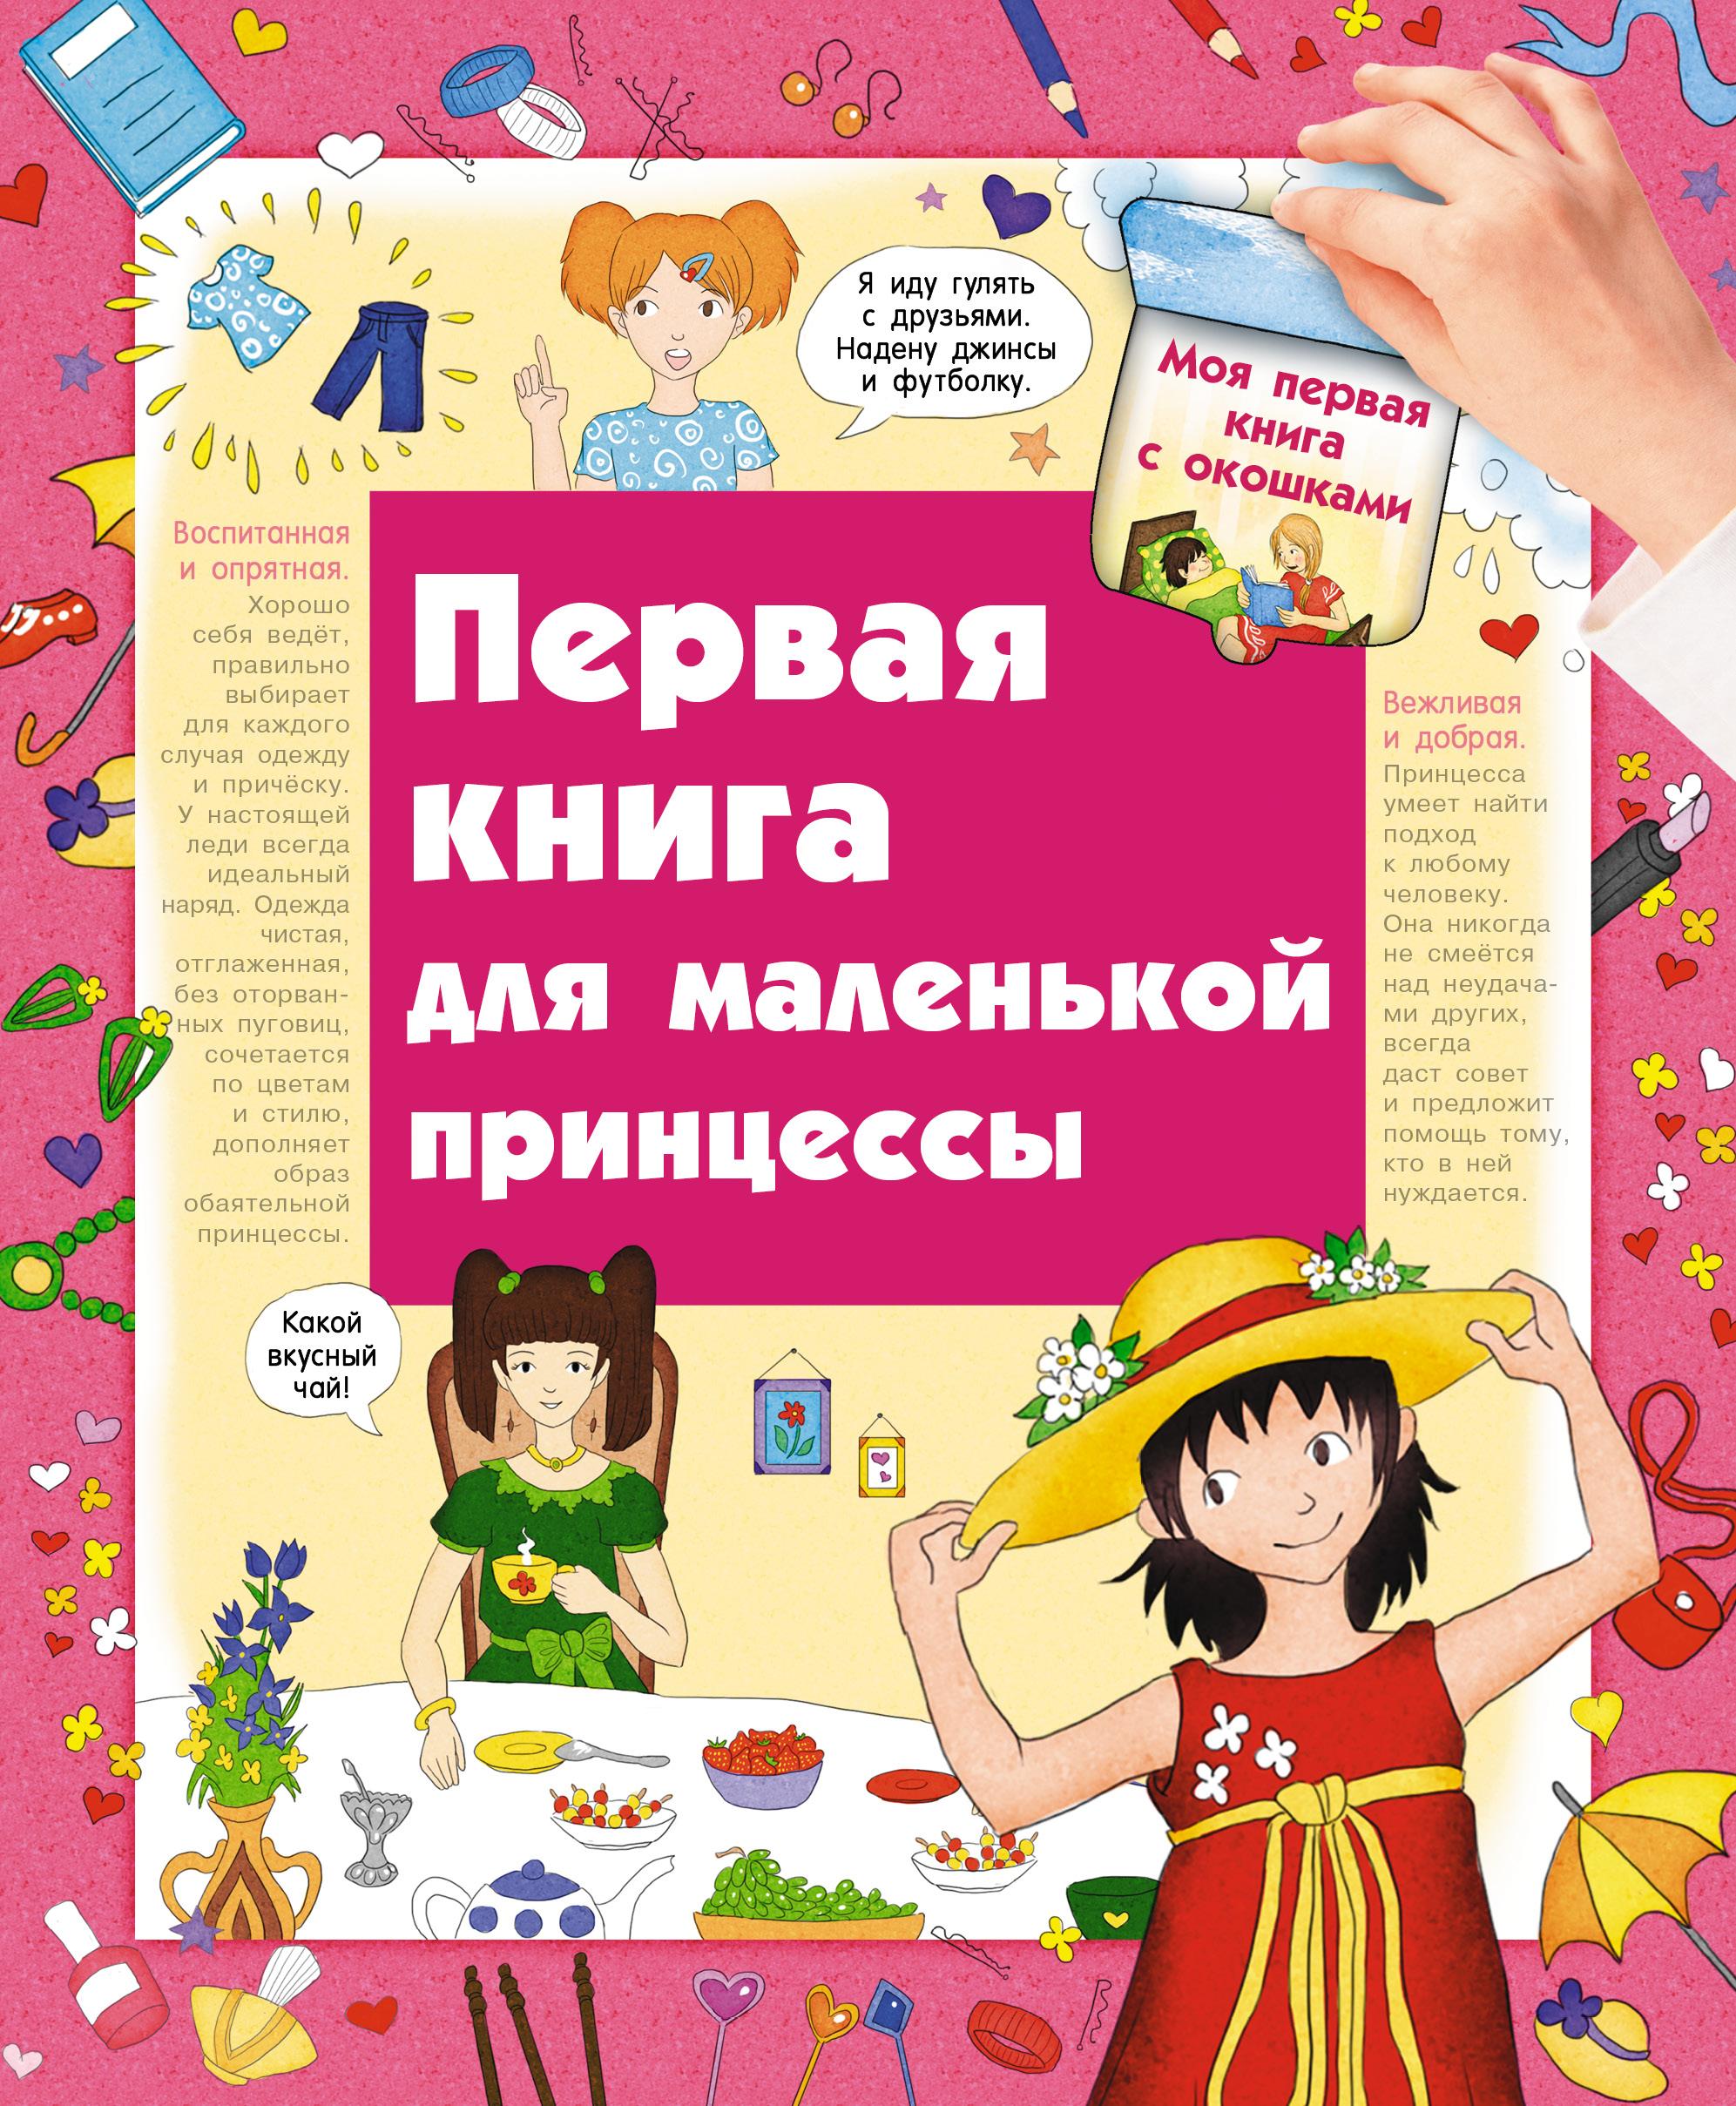 Фото #1: Первая книга маленькой принцессы